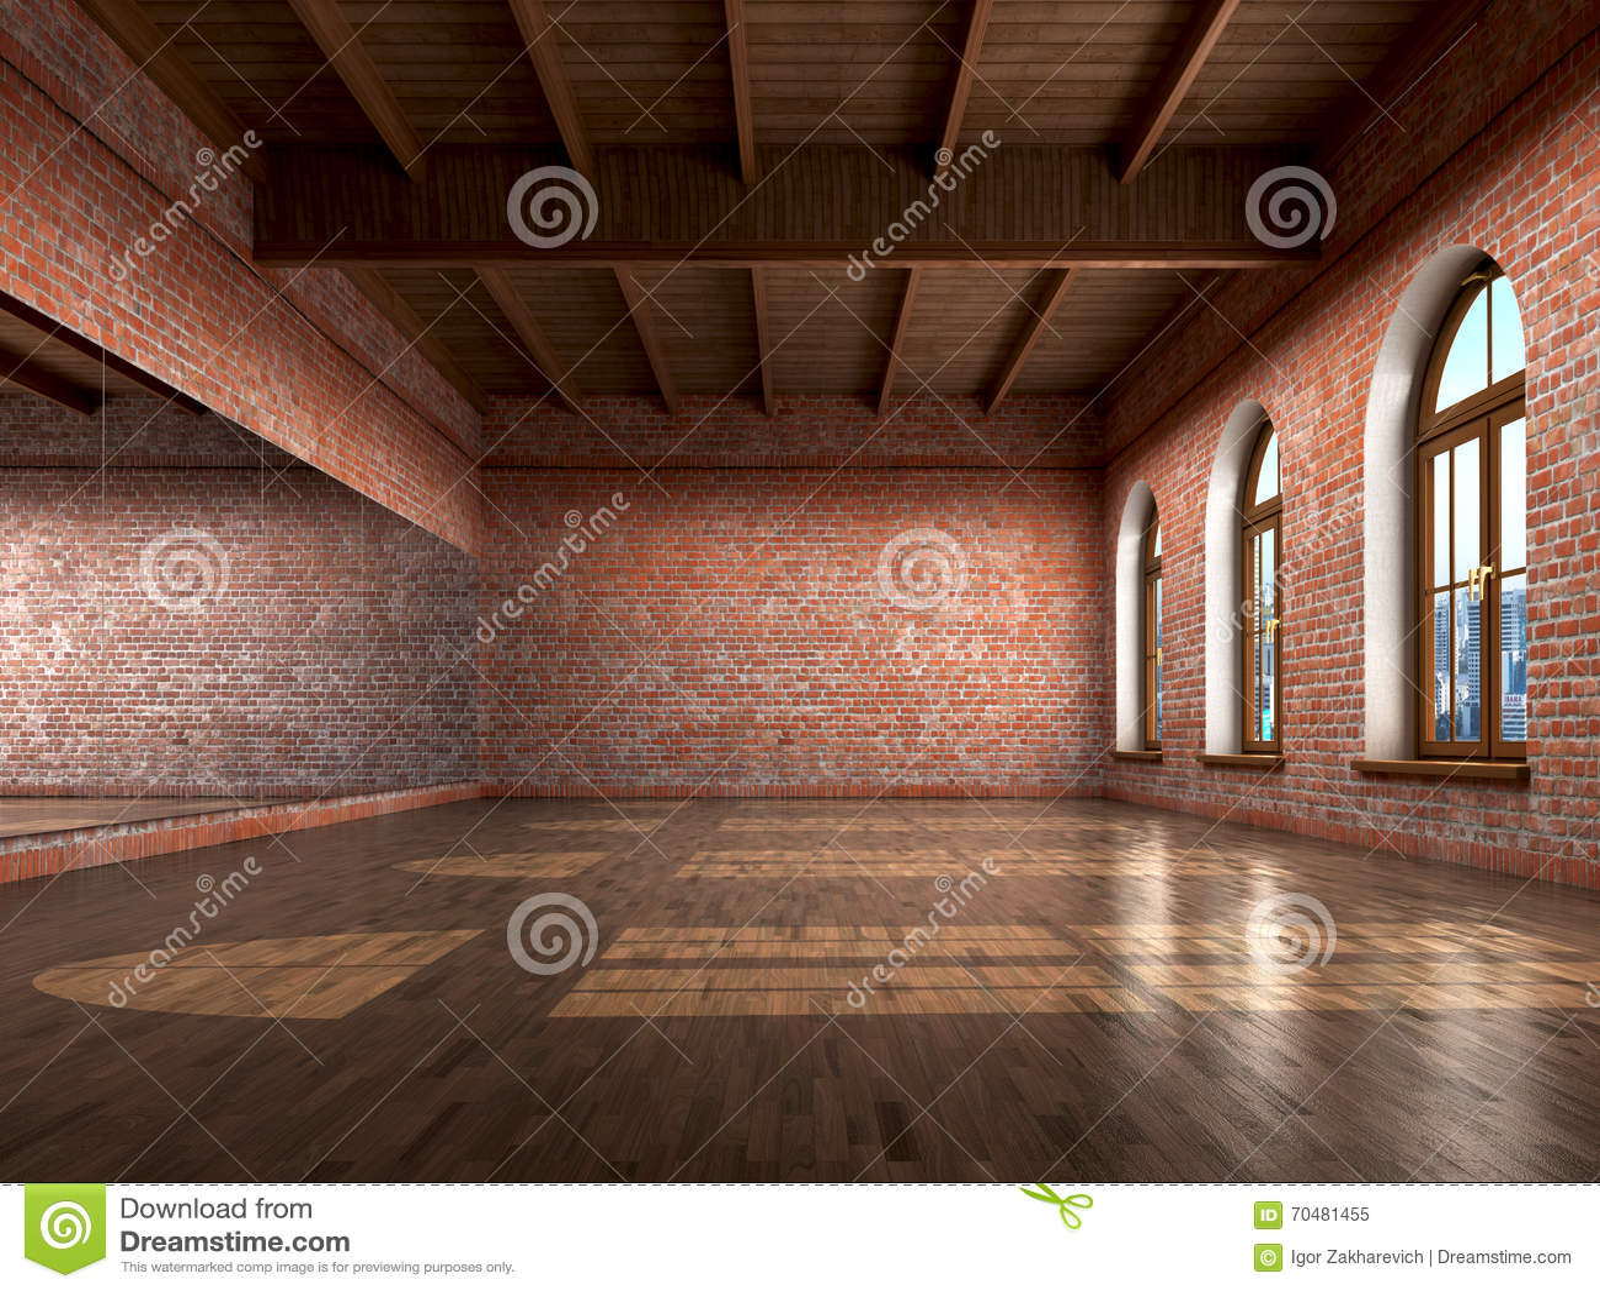 Big Empty Room In Grange Style With Wooden Floor Stock